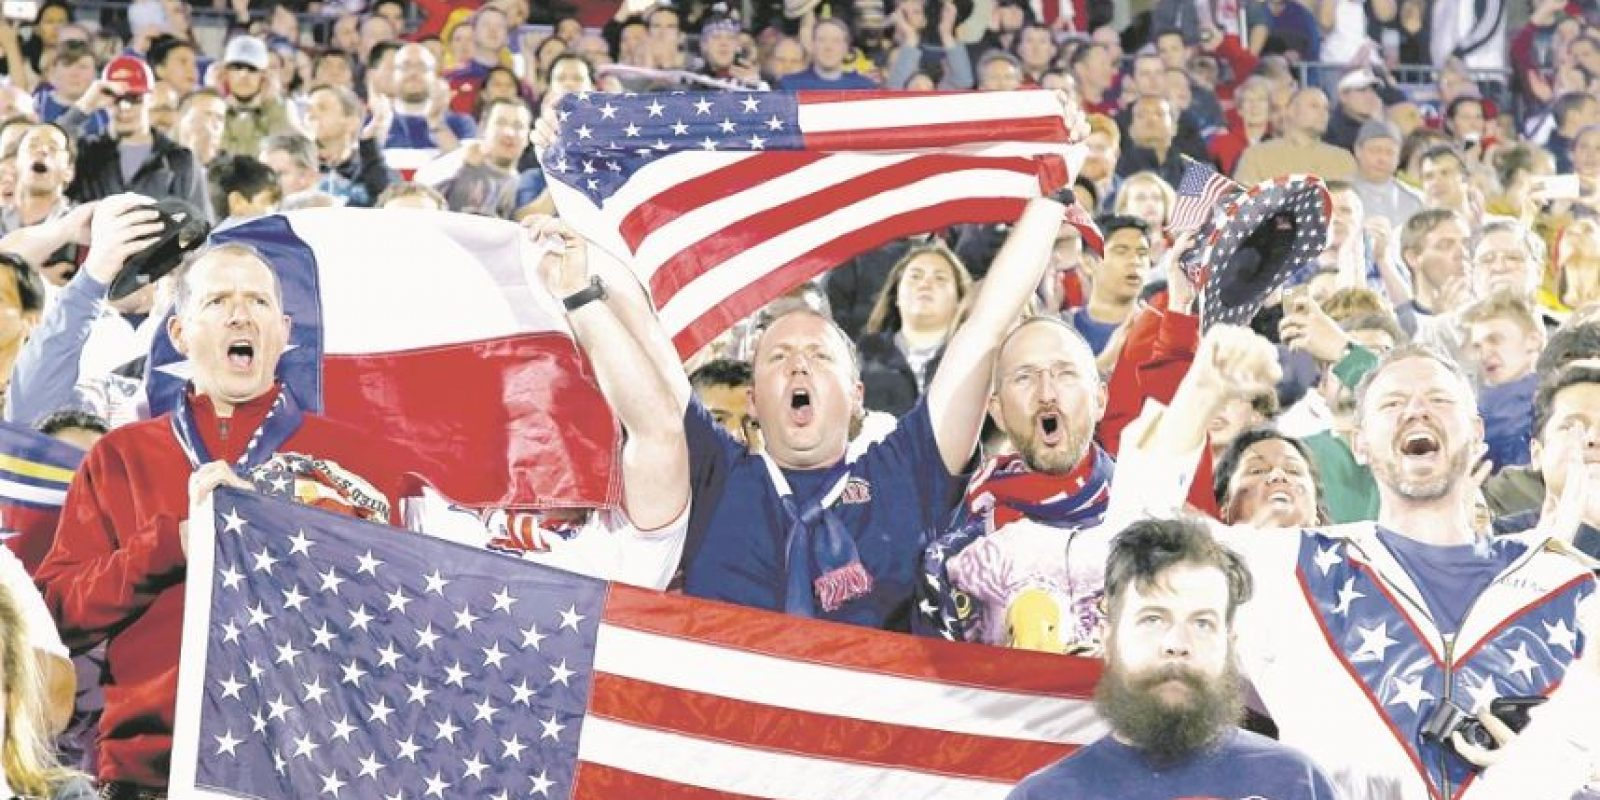 El público estadounidense lo toma como un espectáculo. Foto:Fuente externa